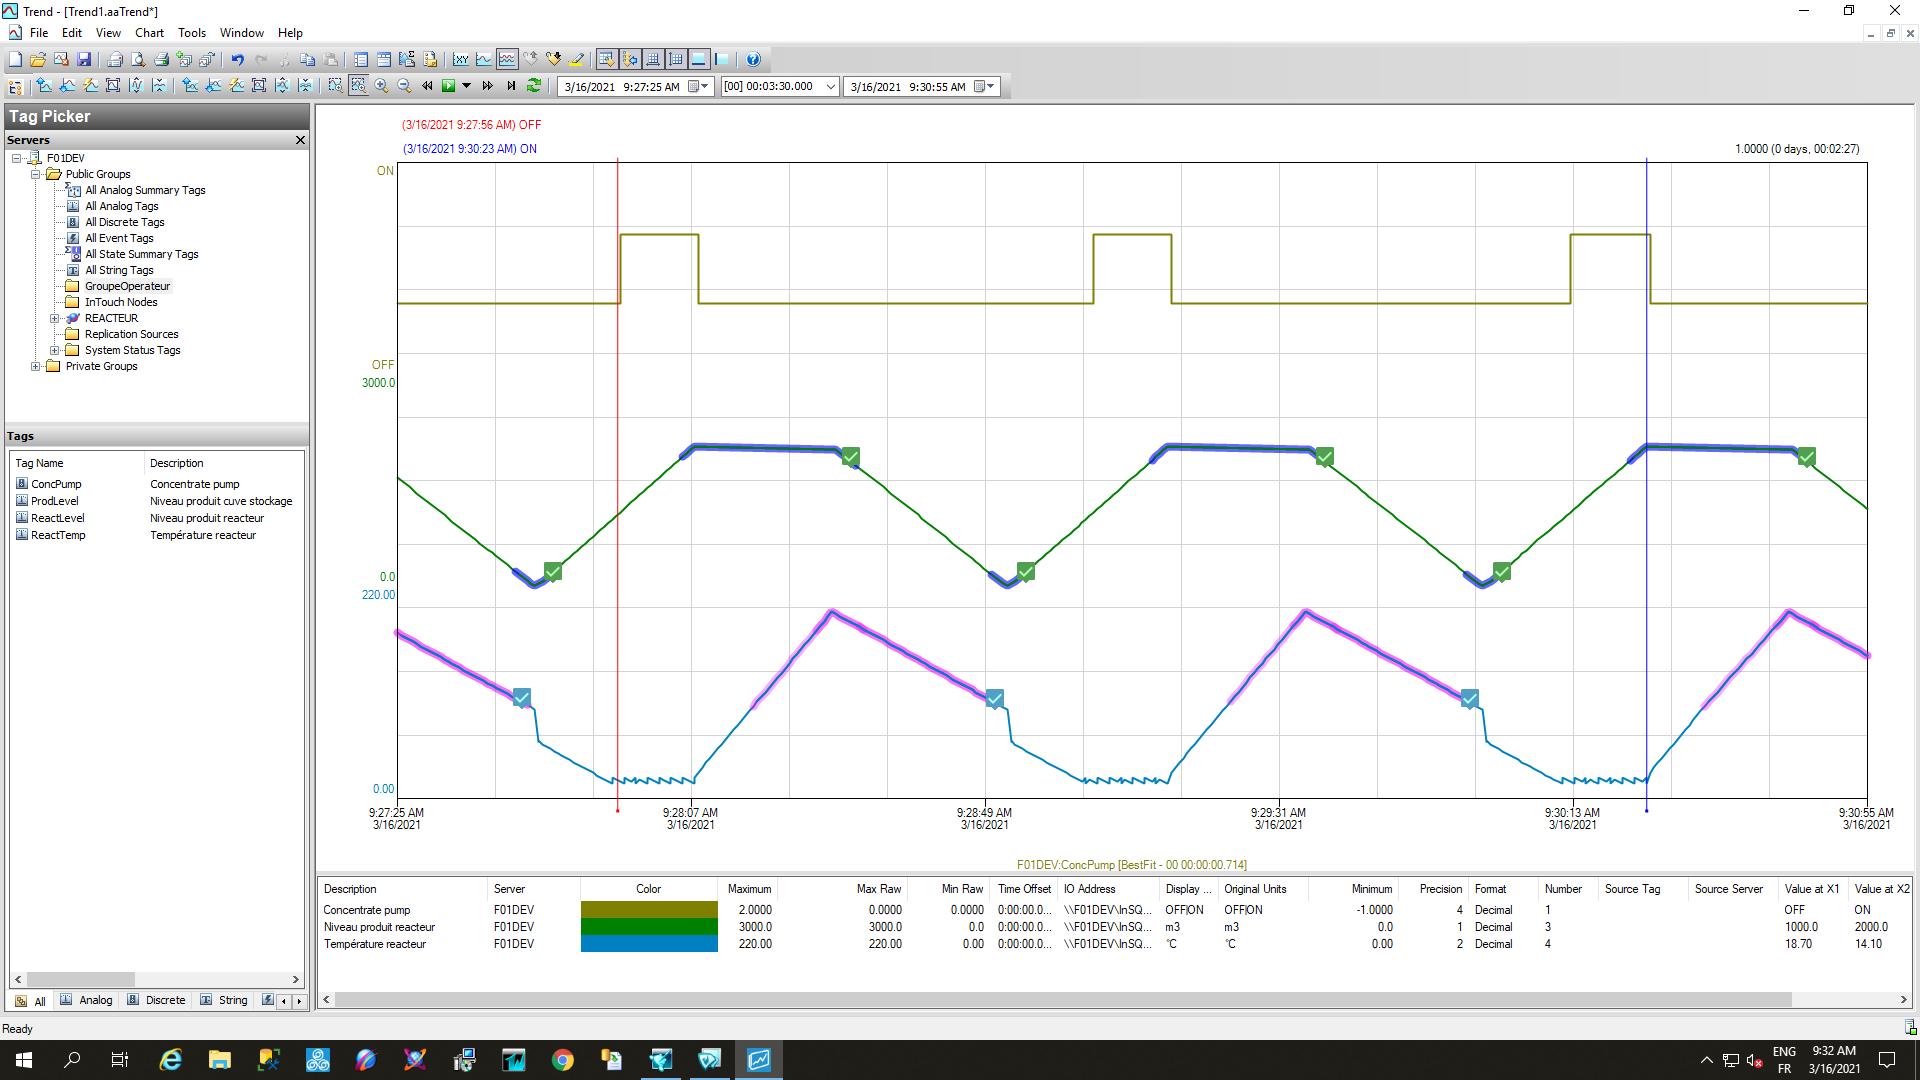 Tracé de courbes multi paramètres avec contextualisation des situations d'alarmes et d'acquittements